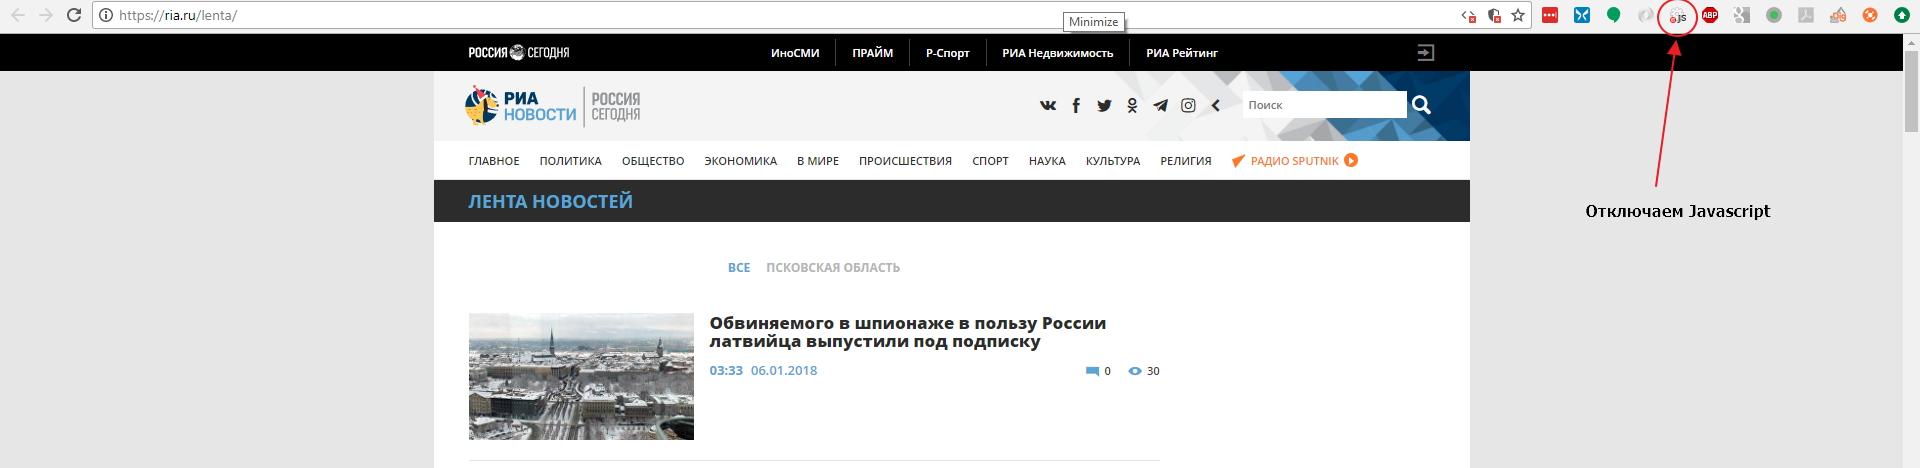 Парсер новостных сайтов: РИА Новости - отключаем Javascript